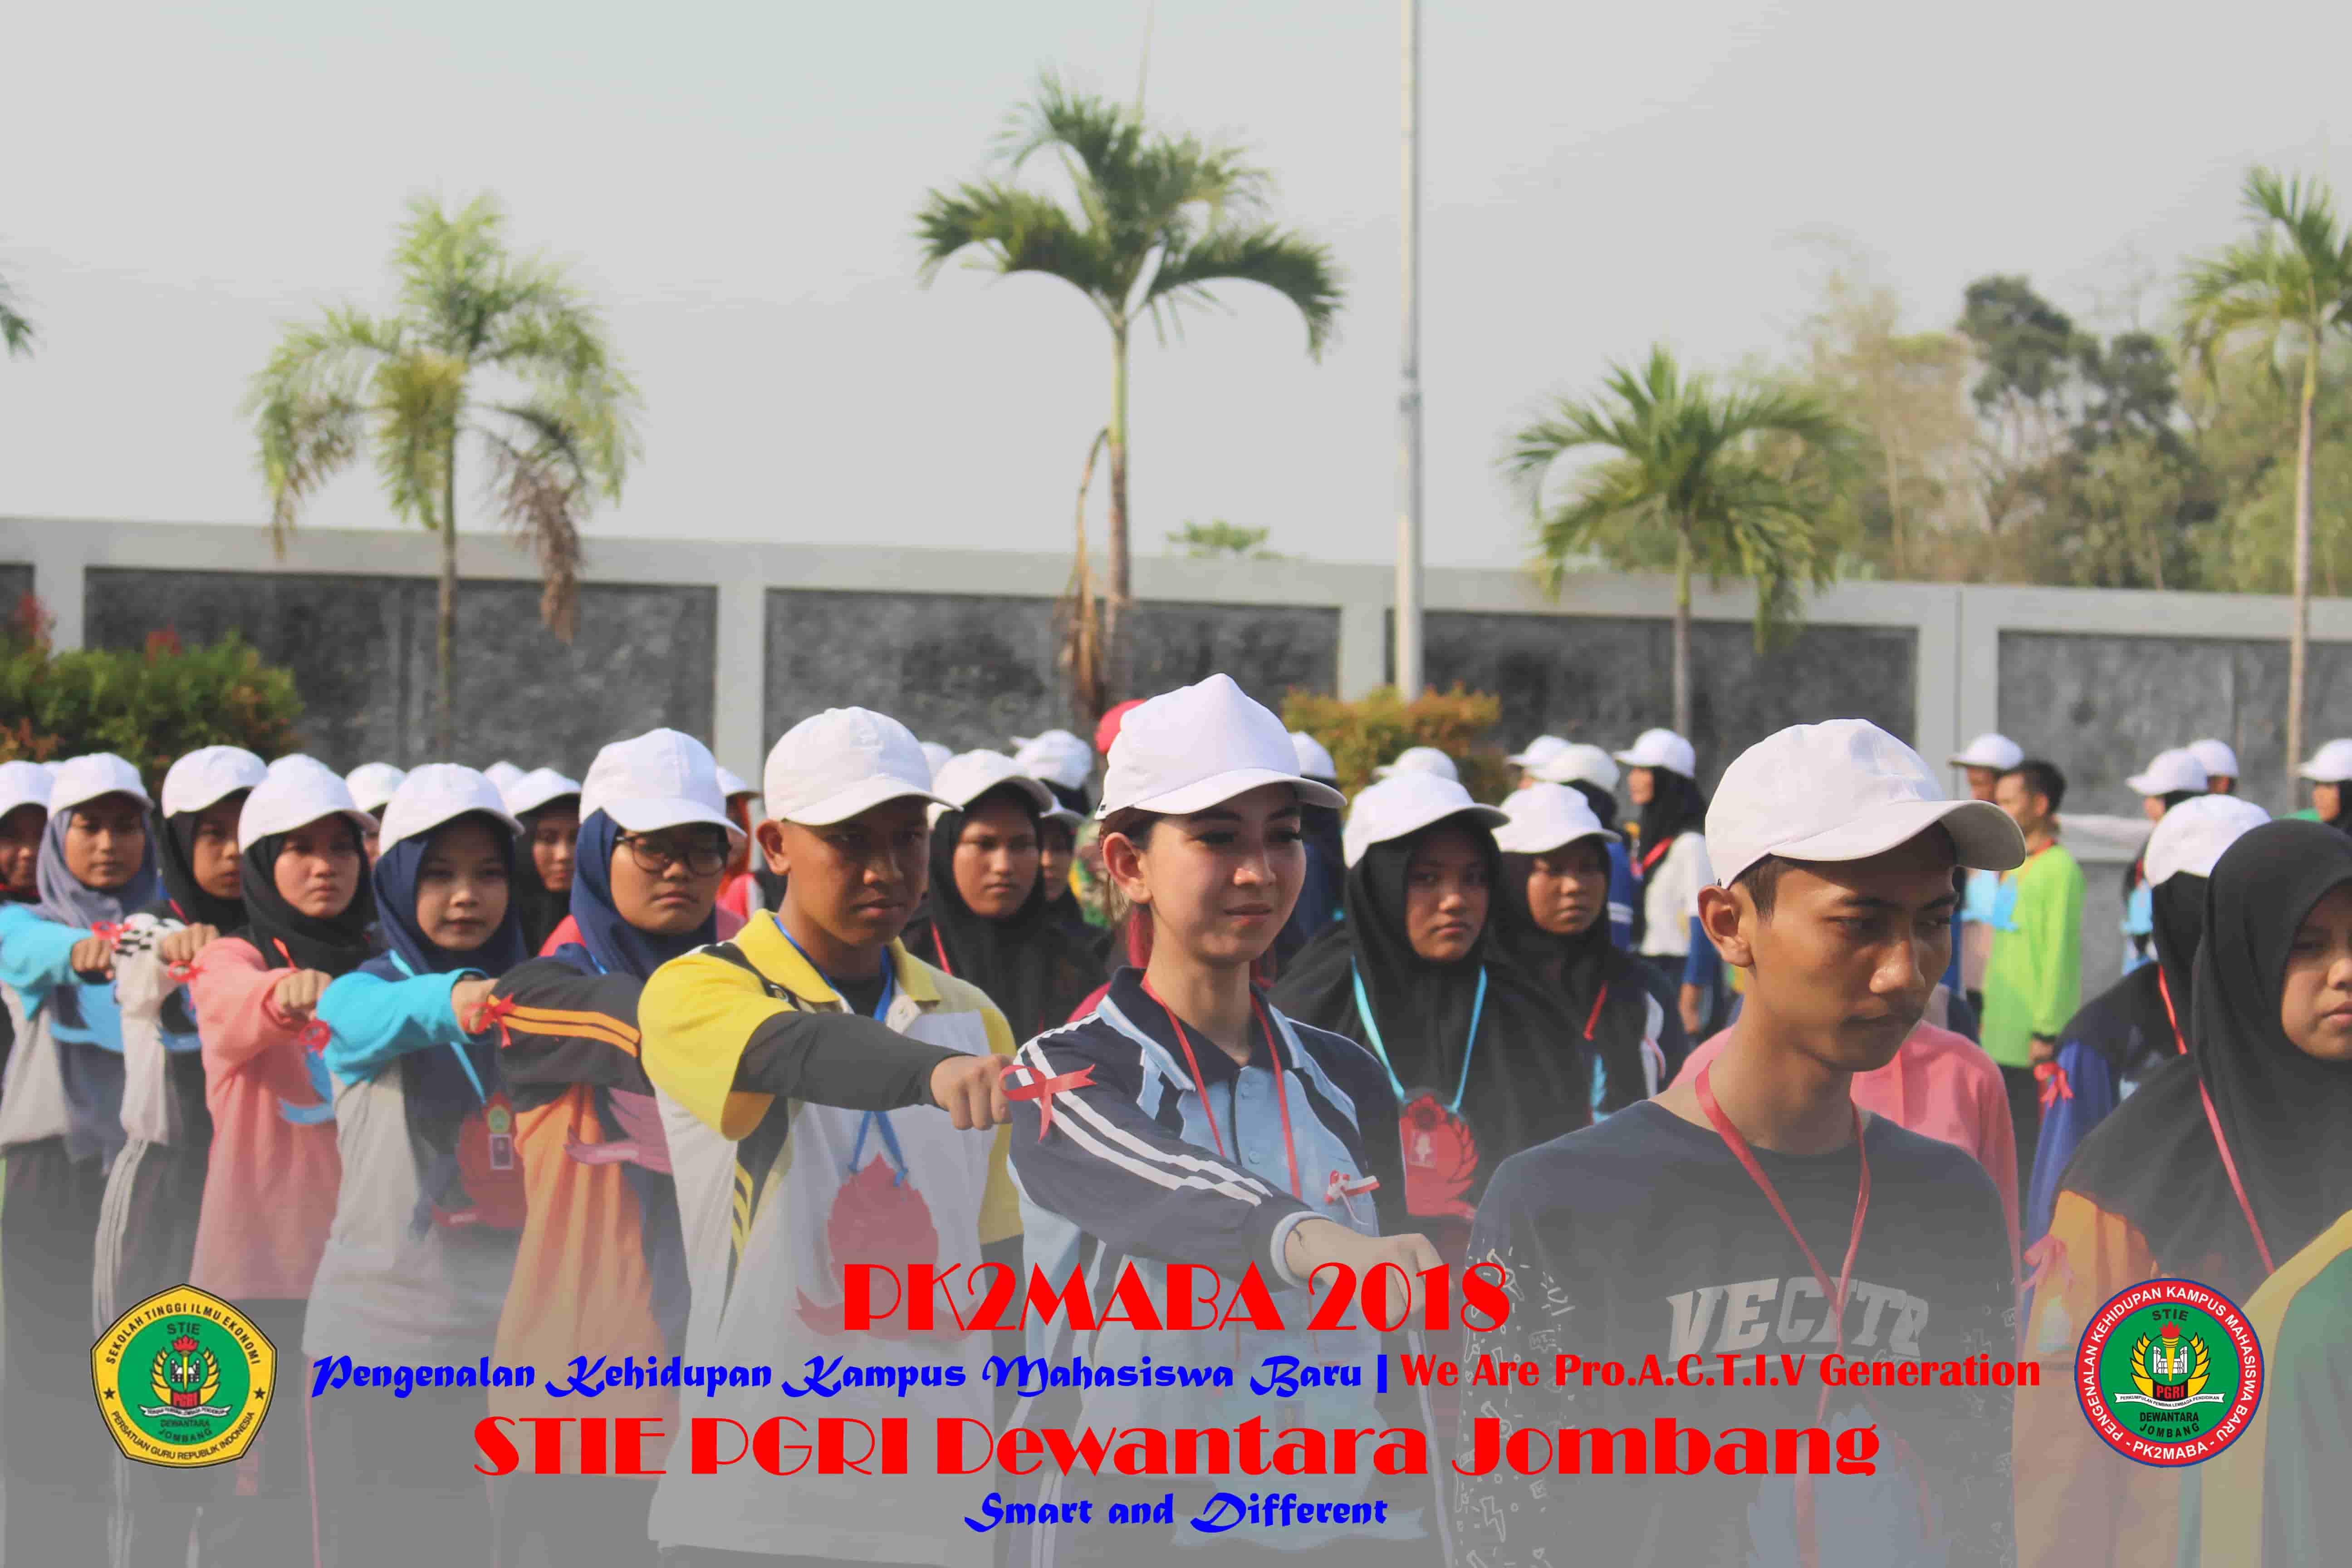 PENGENALAN KEHIDUPAN KAMPUS MAHASISWA BARU (PK2MABA) ANGKATAN 2018/2019, RESMI DIMULAI